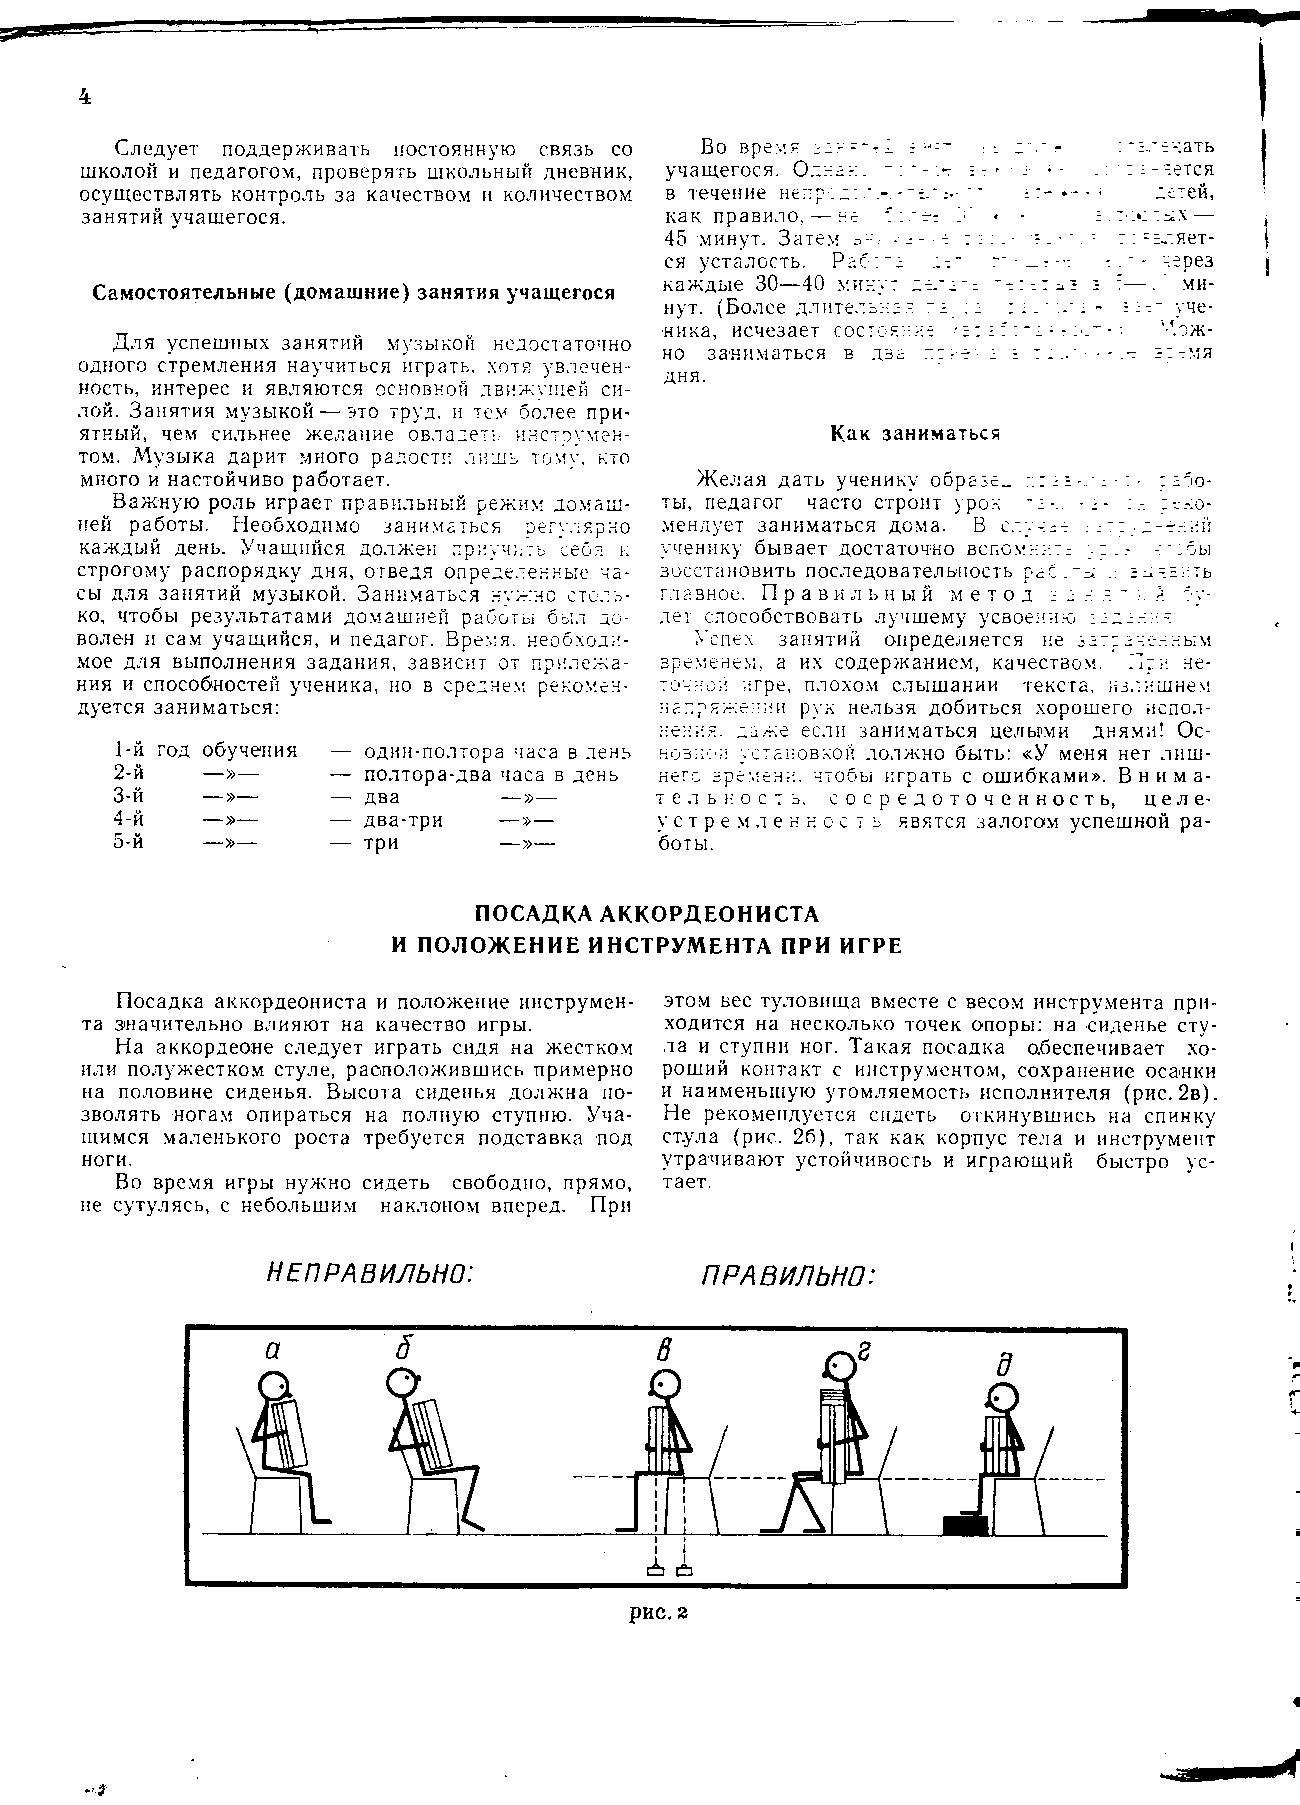 C:\Documents and Settings\User\Мои документы\Мои рисунки\2011-07-10\Scan20002.TIF